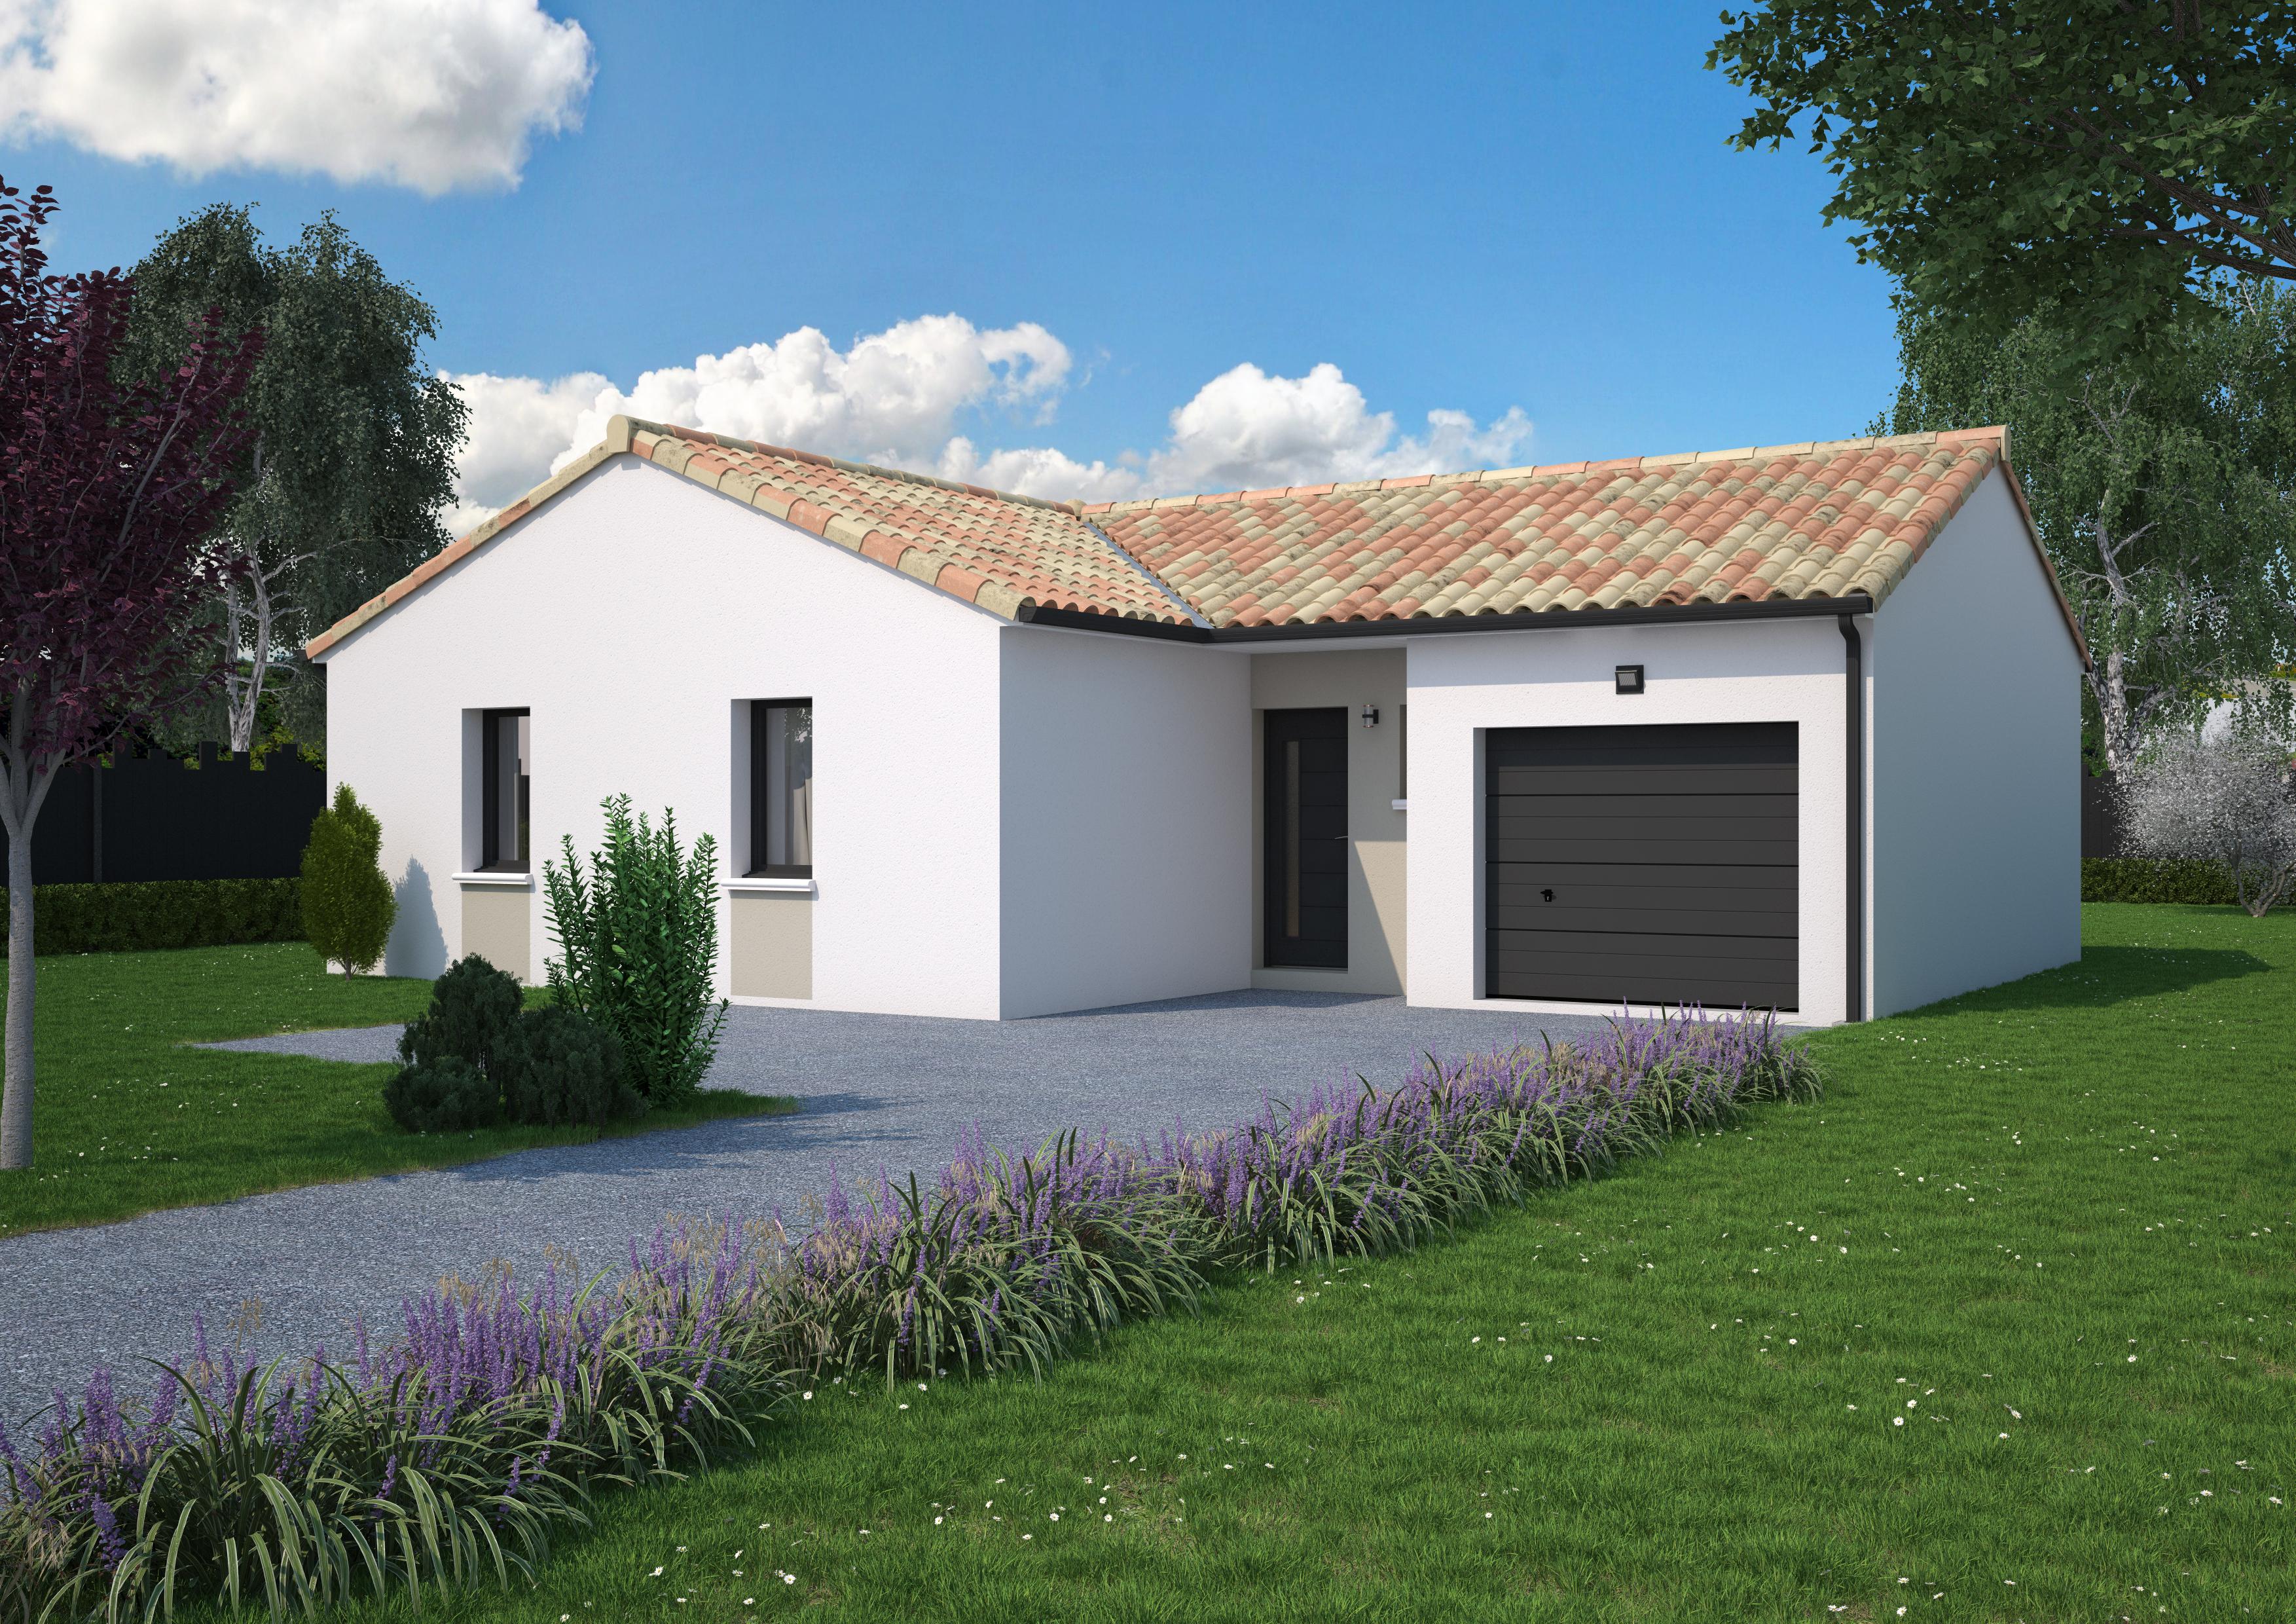 Maison à vendre à Roches-Prémarie-Andillé